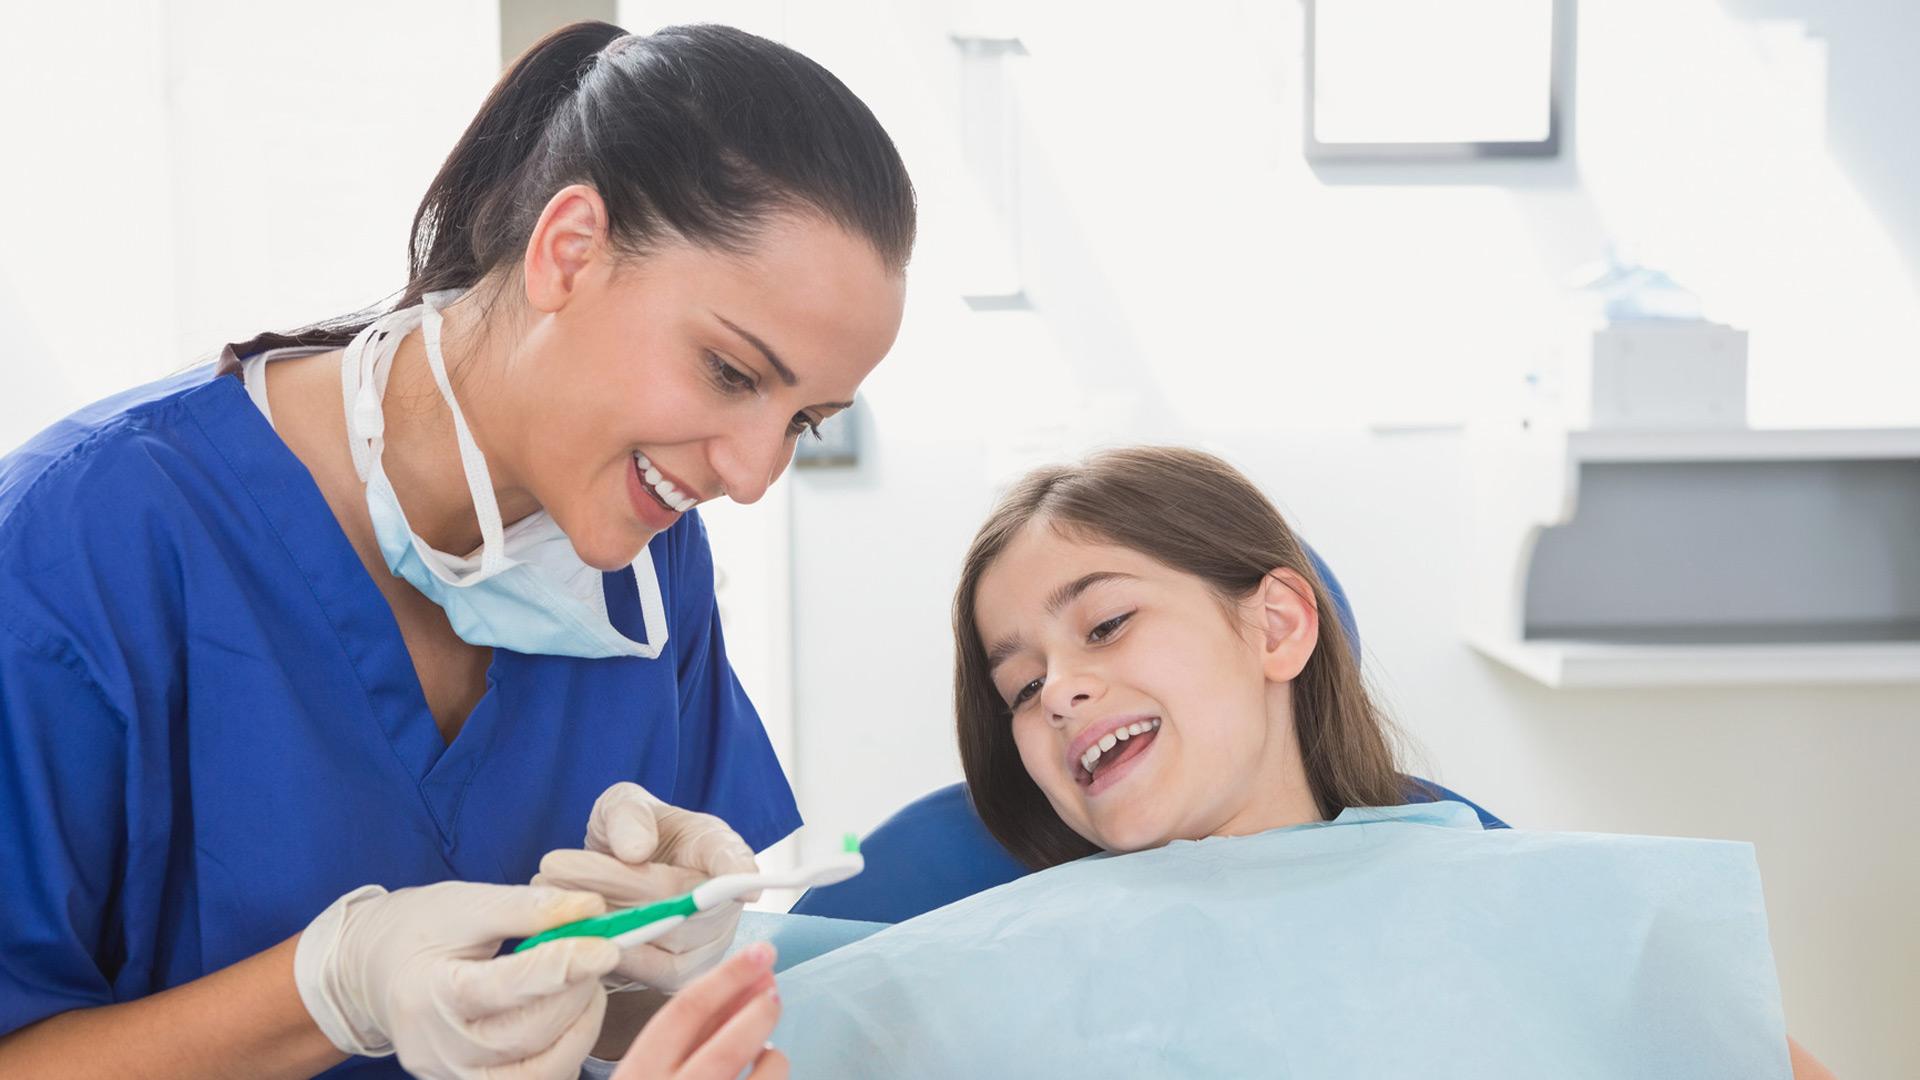 Профессиональная гигиена зубов для детей Бровары